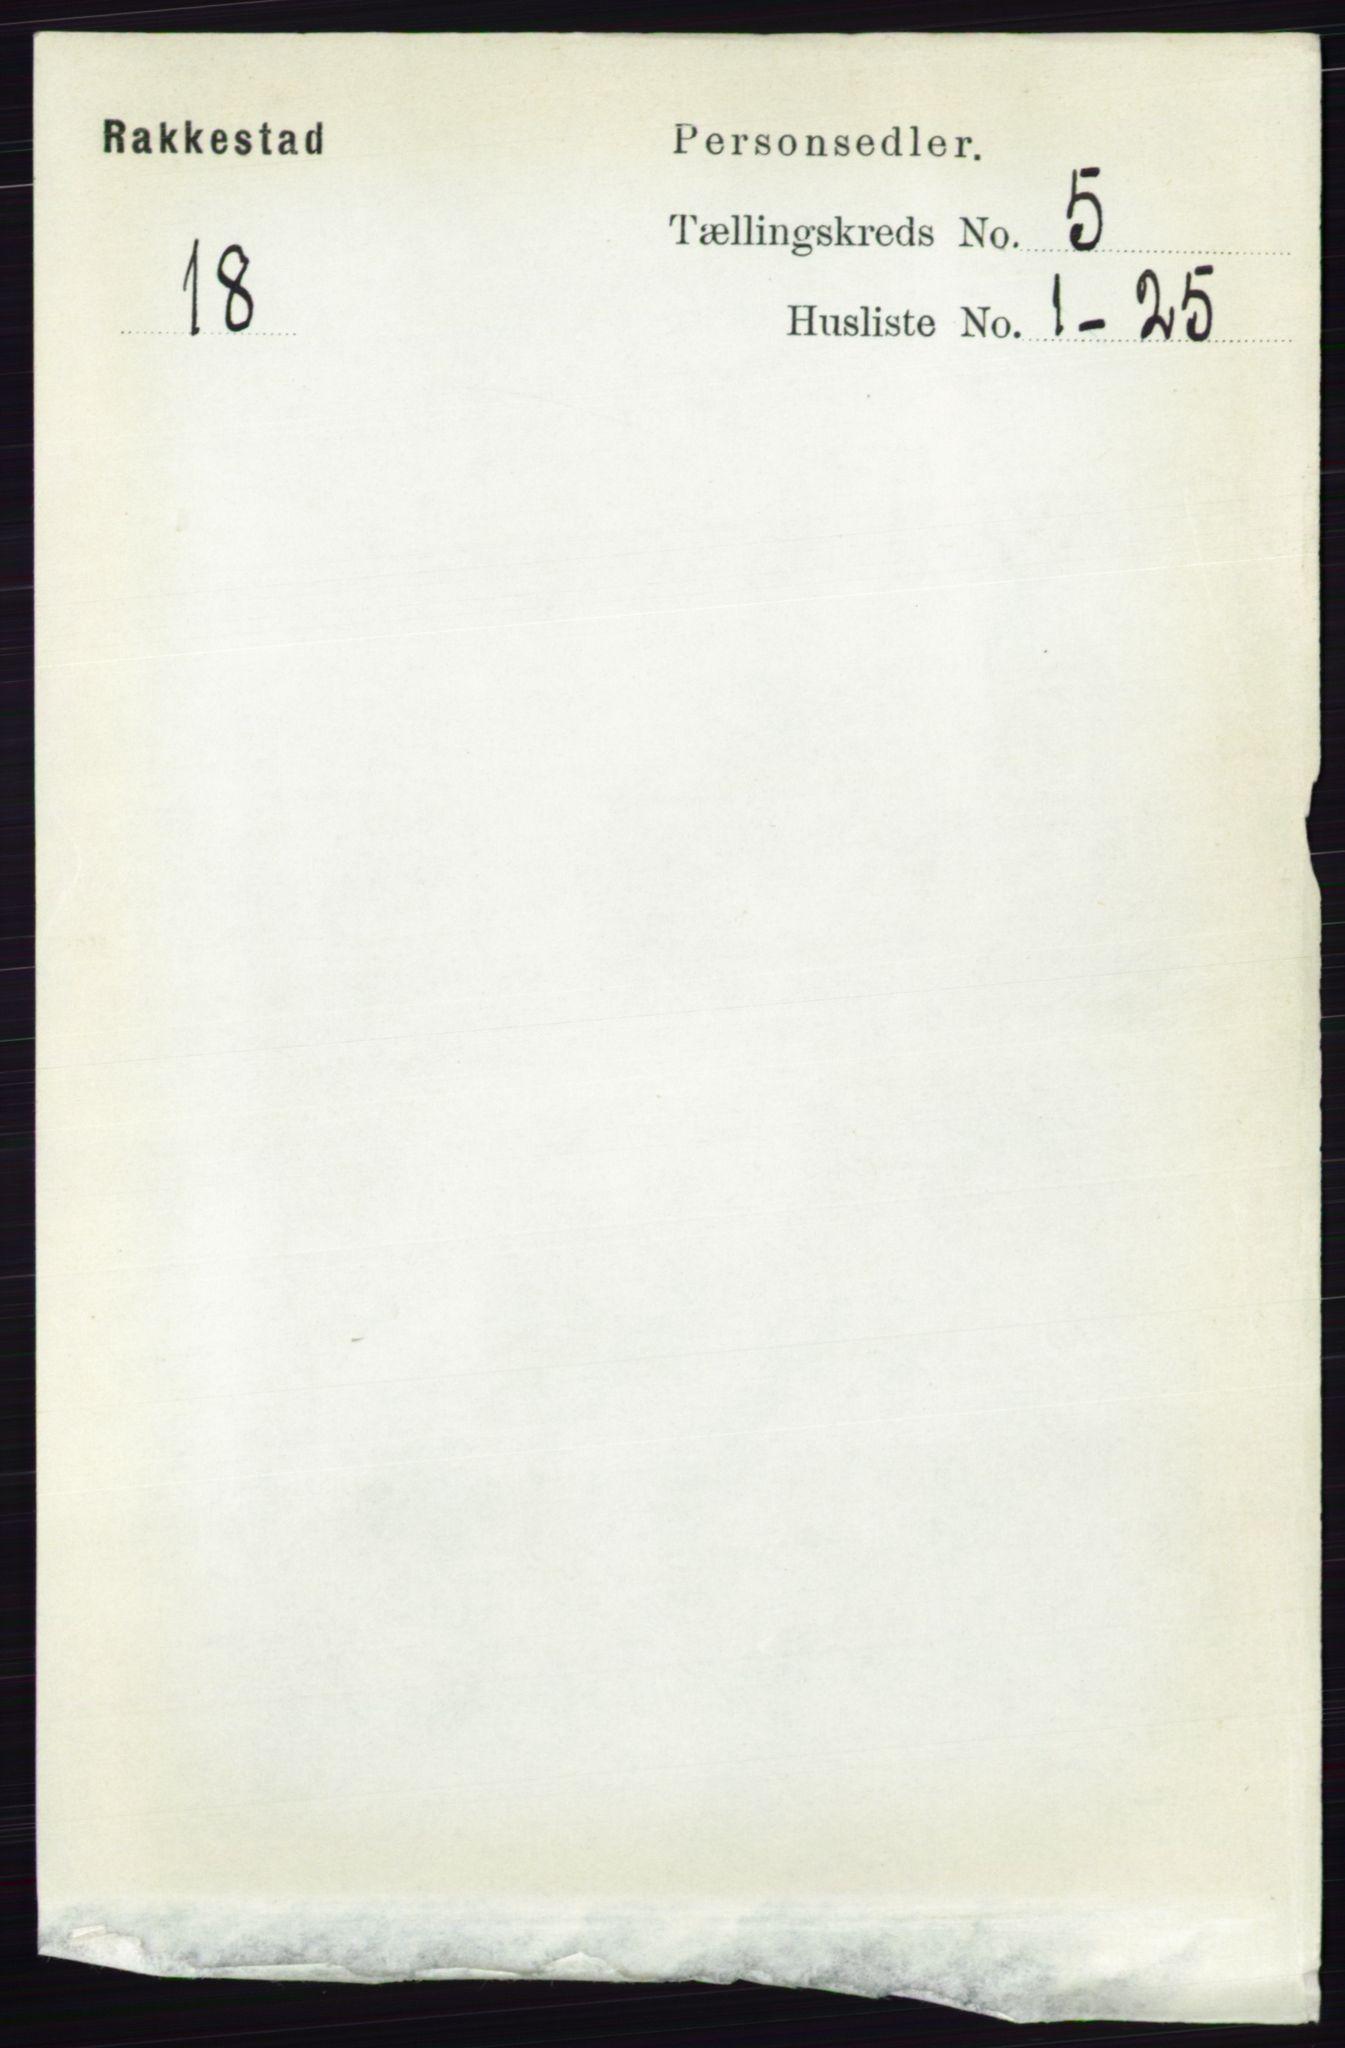 RA, Folketelling 1891 for 0128 Rakkestad herred, 1891, s. 2241